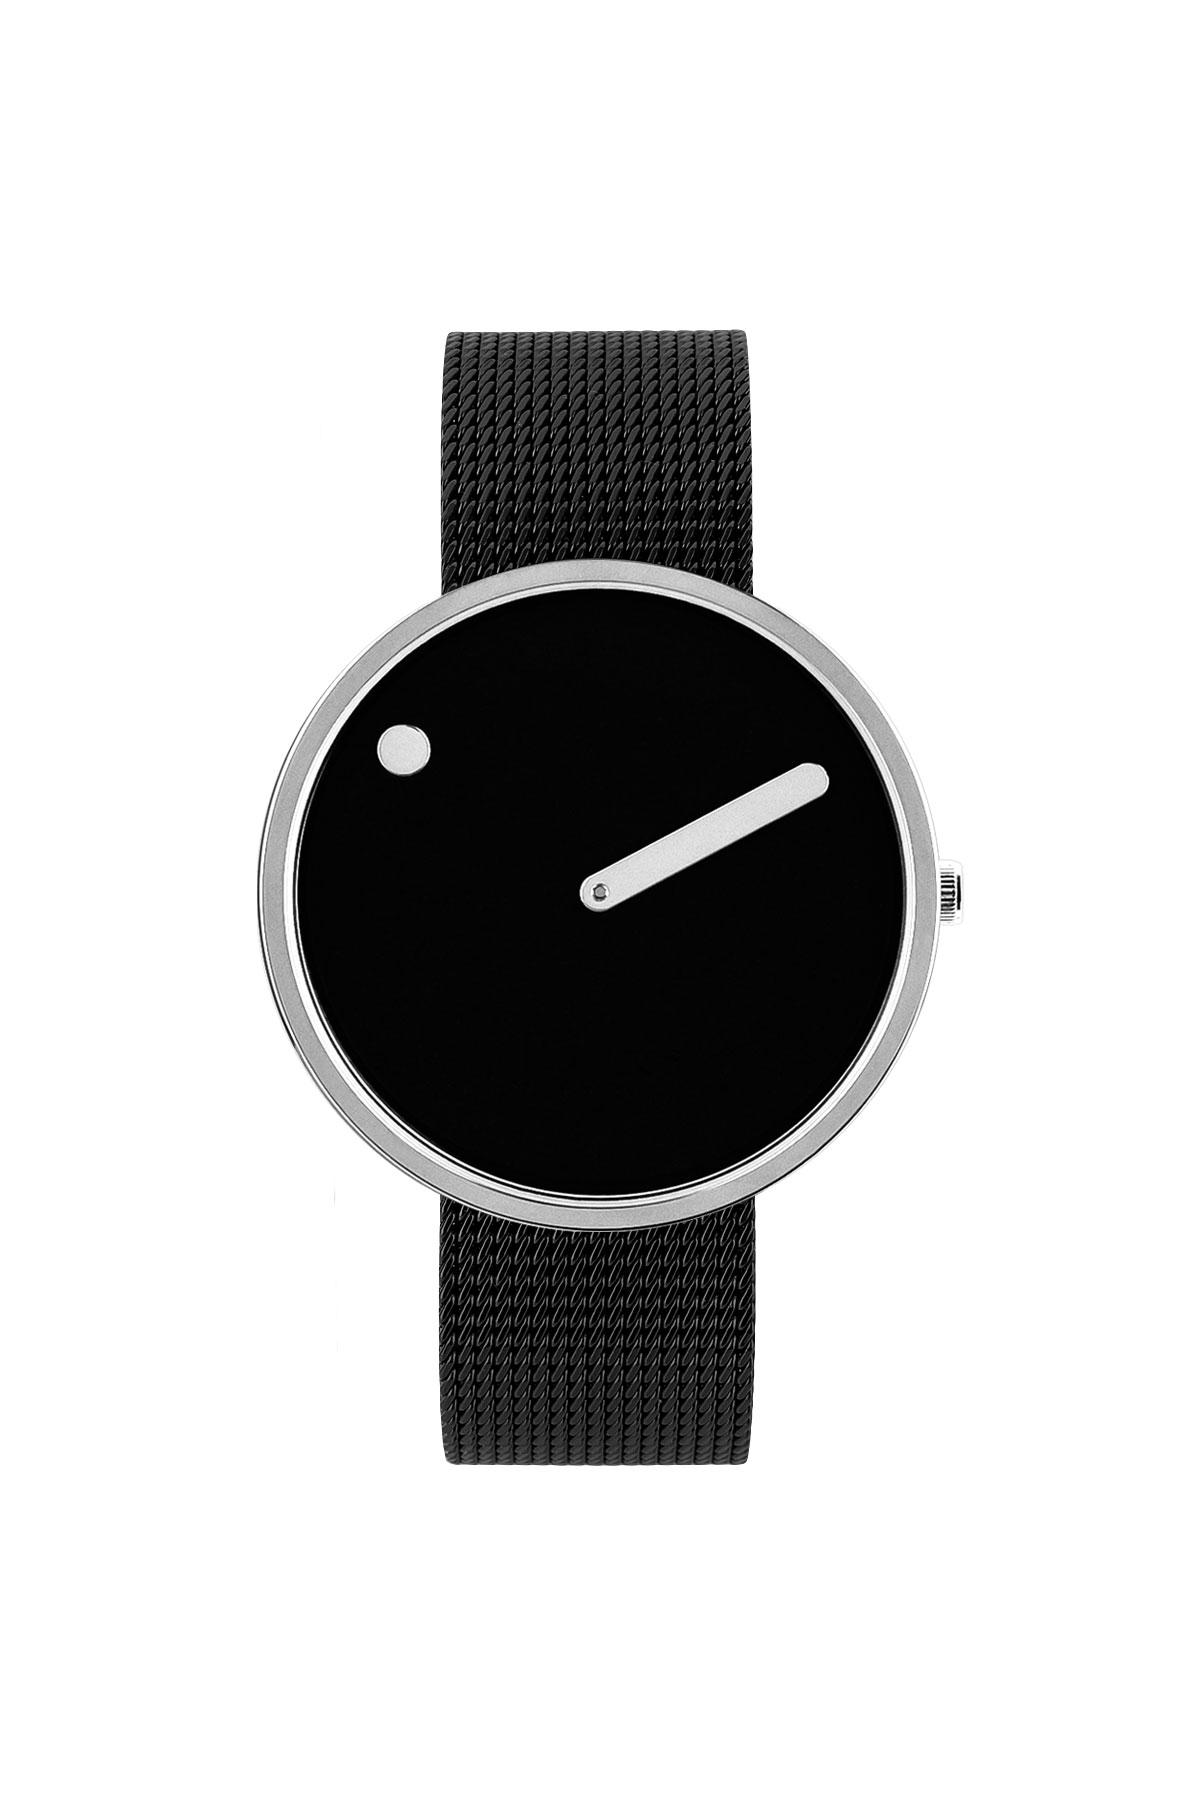 picto black/matt black 40 mm - 43370-1020 fra picto